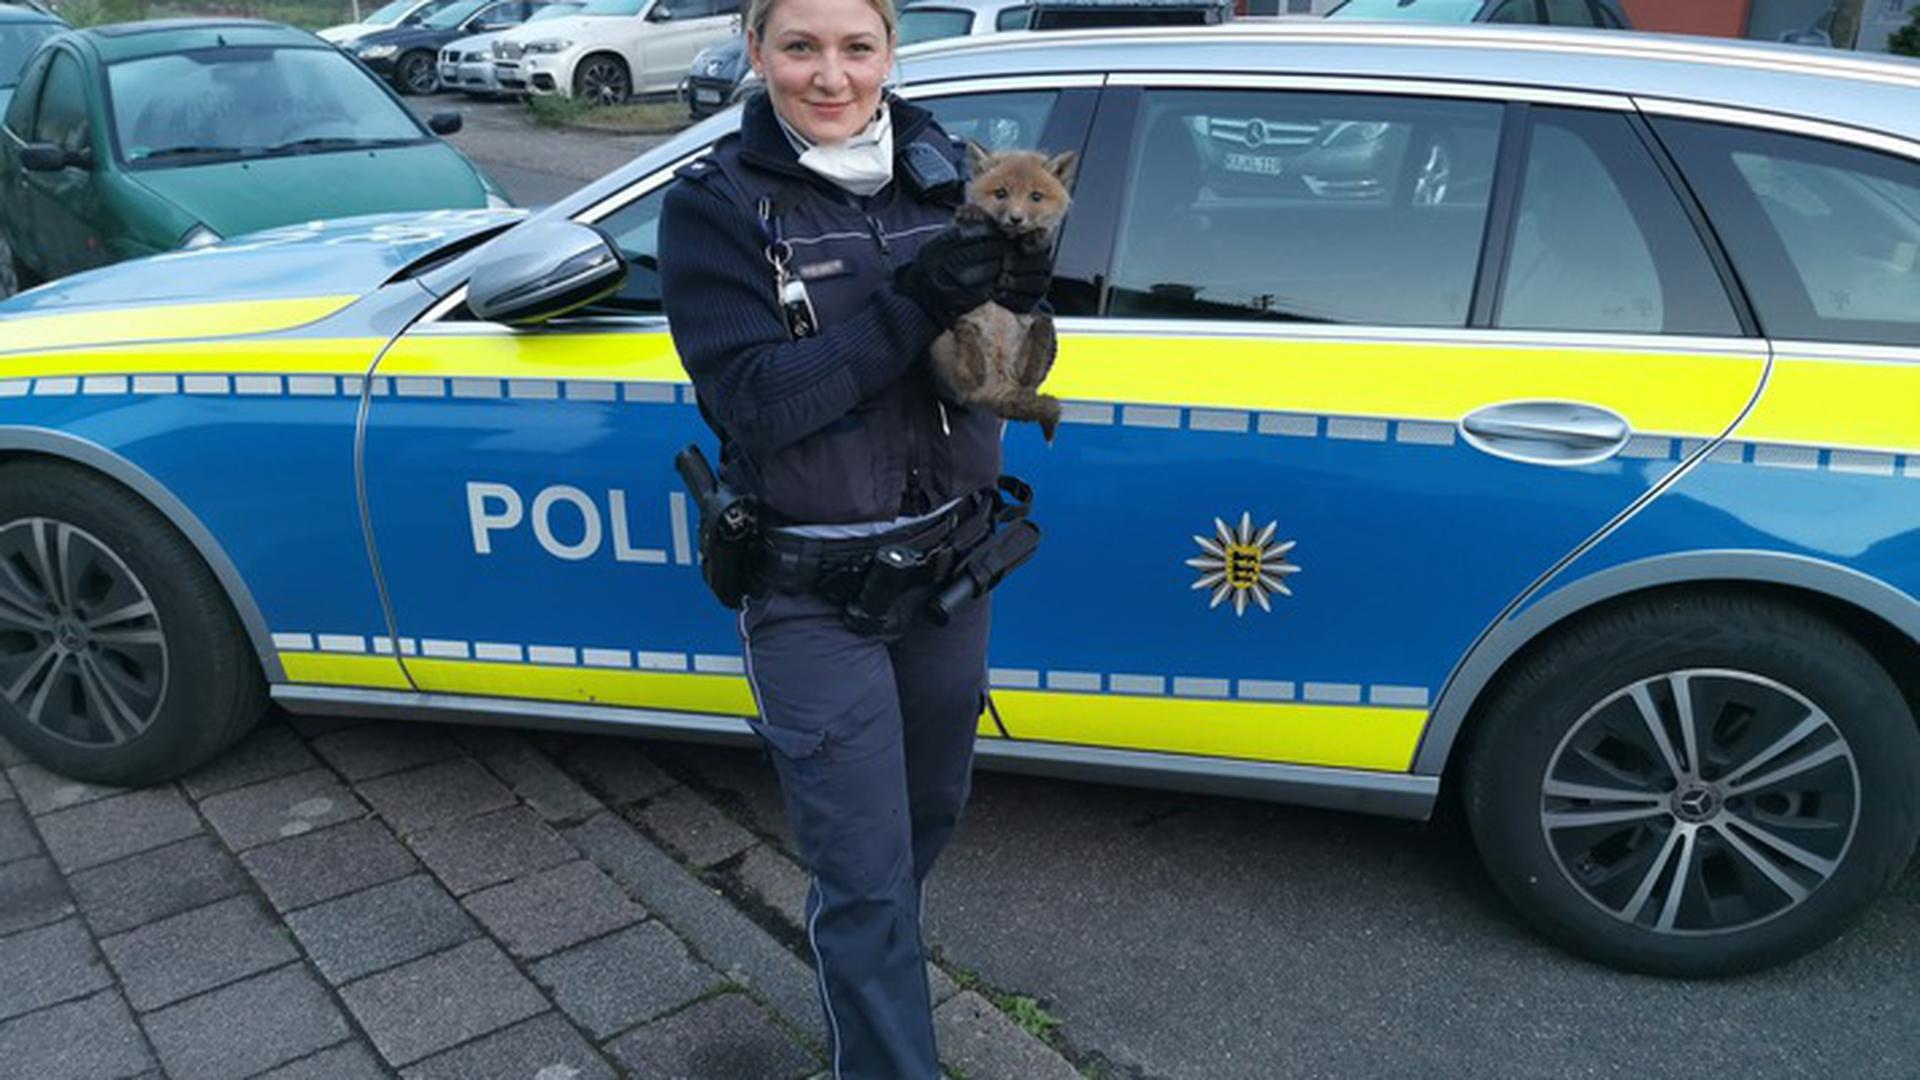 Erfolgreicher Einsatz: Diesen jungen Fuchs rettete die Polizei. Er hatte sich in einem Gartenzaun verheddert und konnte sich nicht allein befreien.